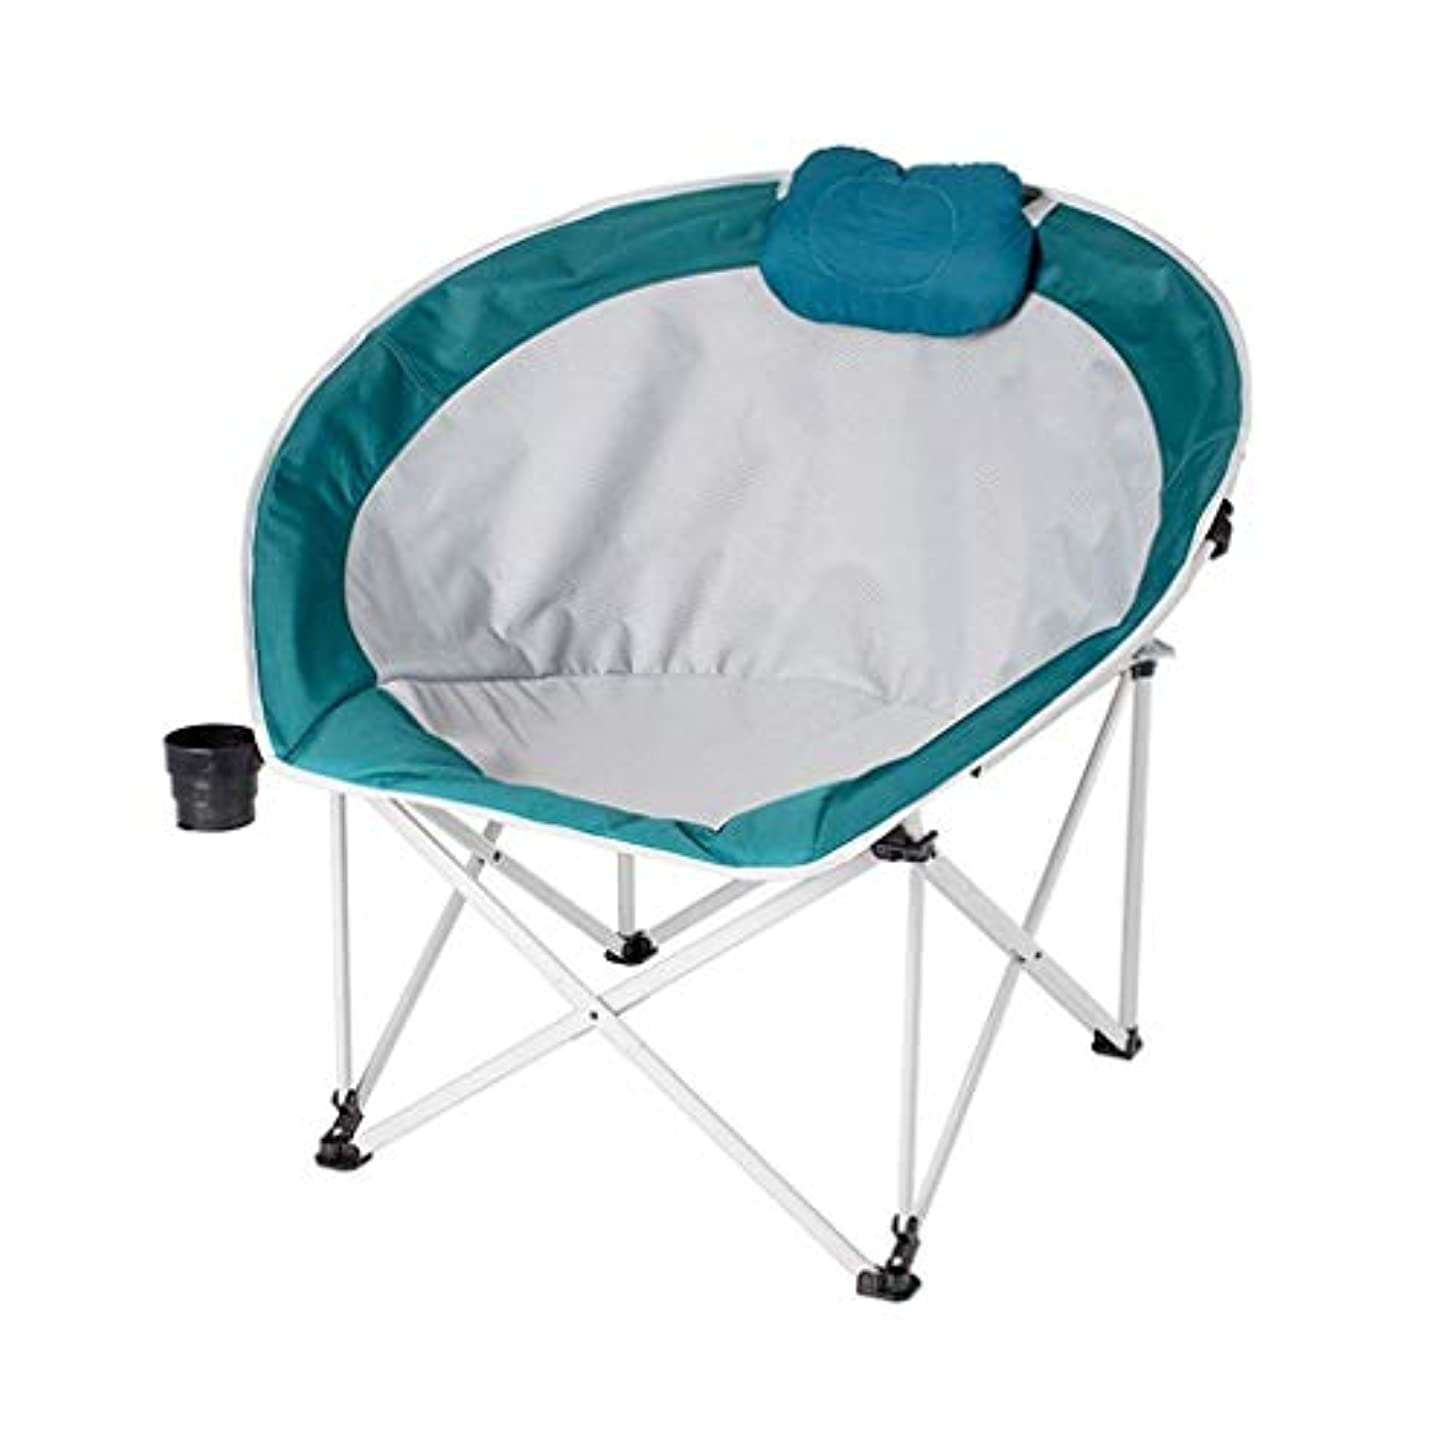 許す届ける普遍的なYIZHUO ハイキング/旅行/狩猟/釣り用の折りたたみ椅子ビーチチェアキャンプ屋外超軽量ポータブル折りたたみチェア (Color : Blue)